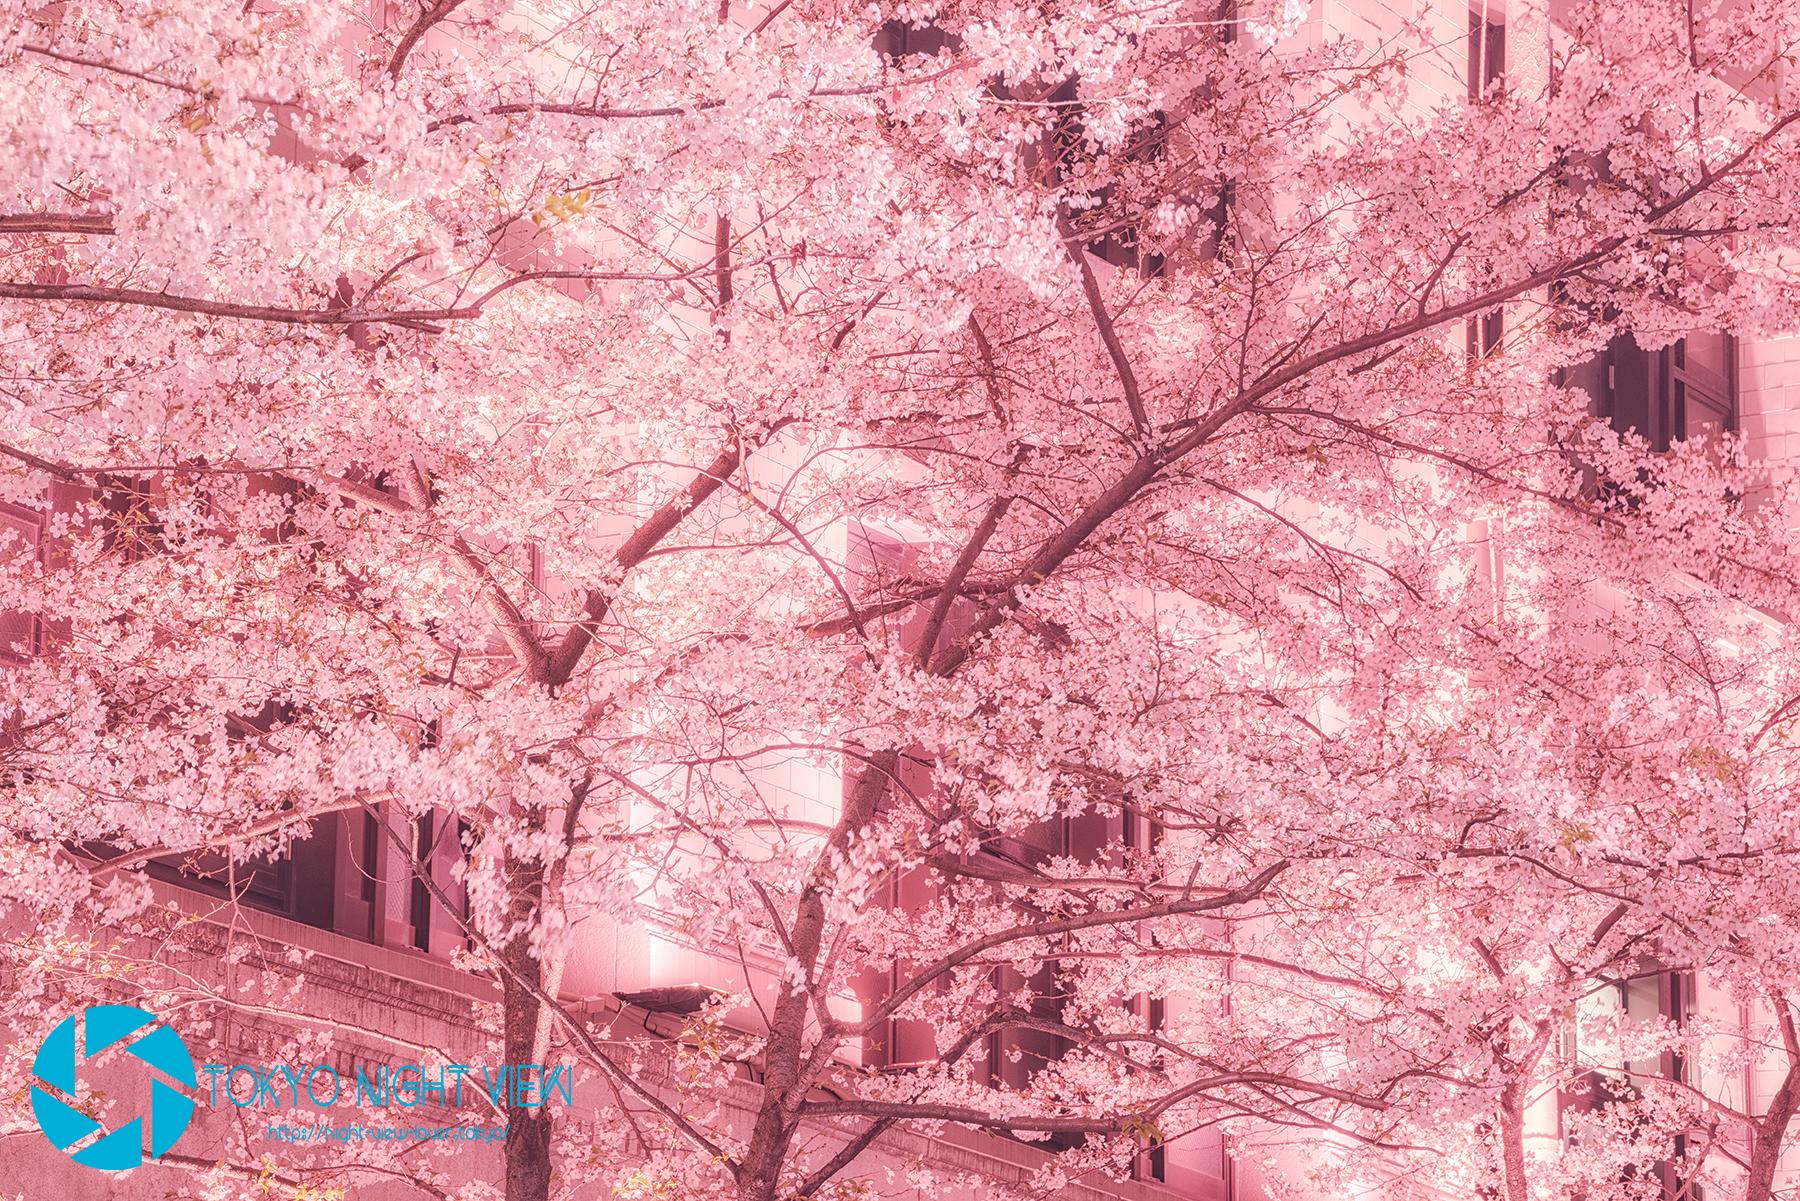 ピンク色の照明のお蔭で最後まで桜色